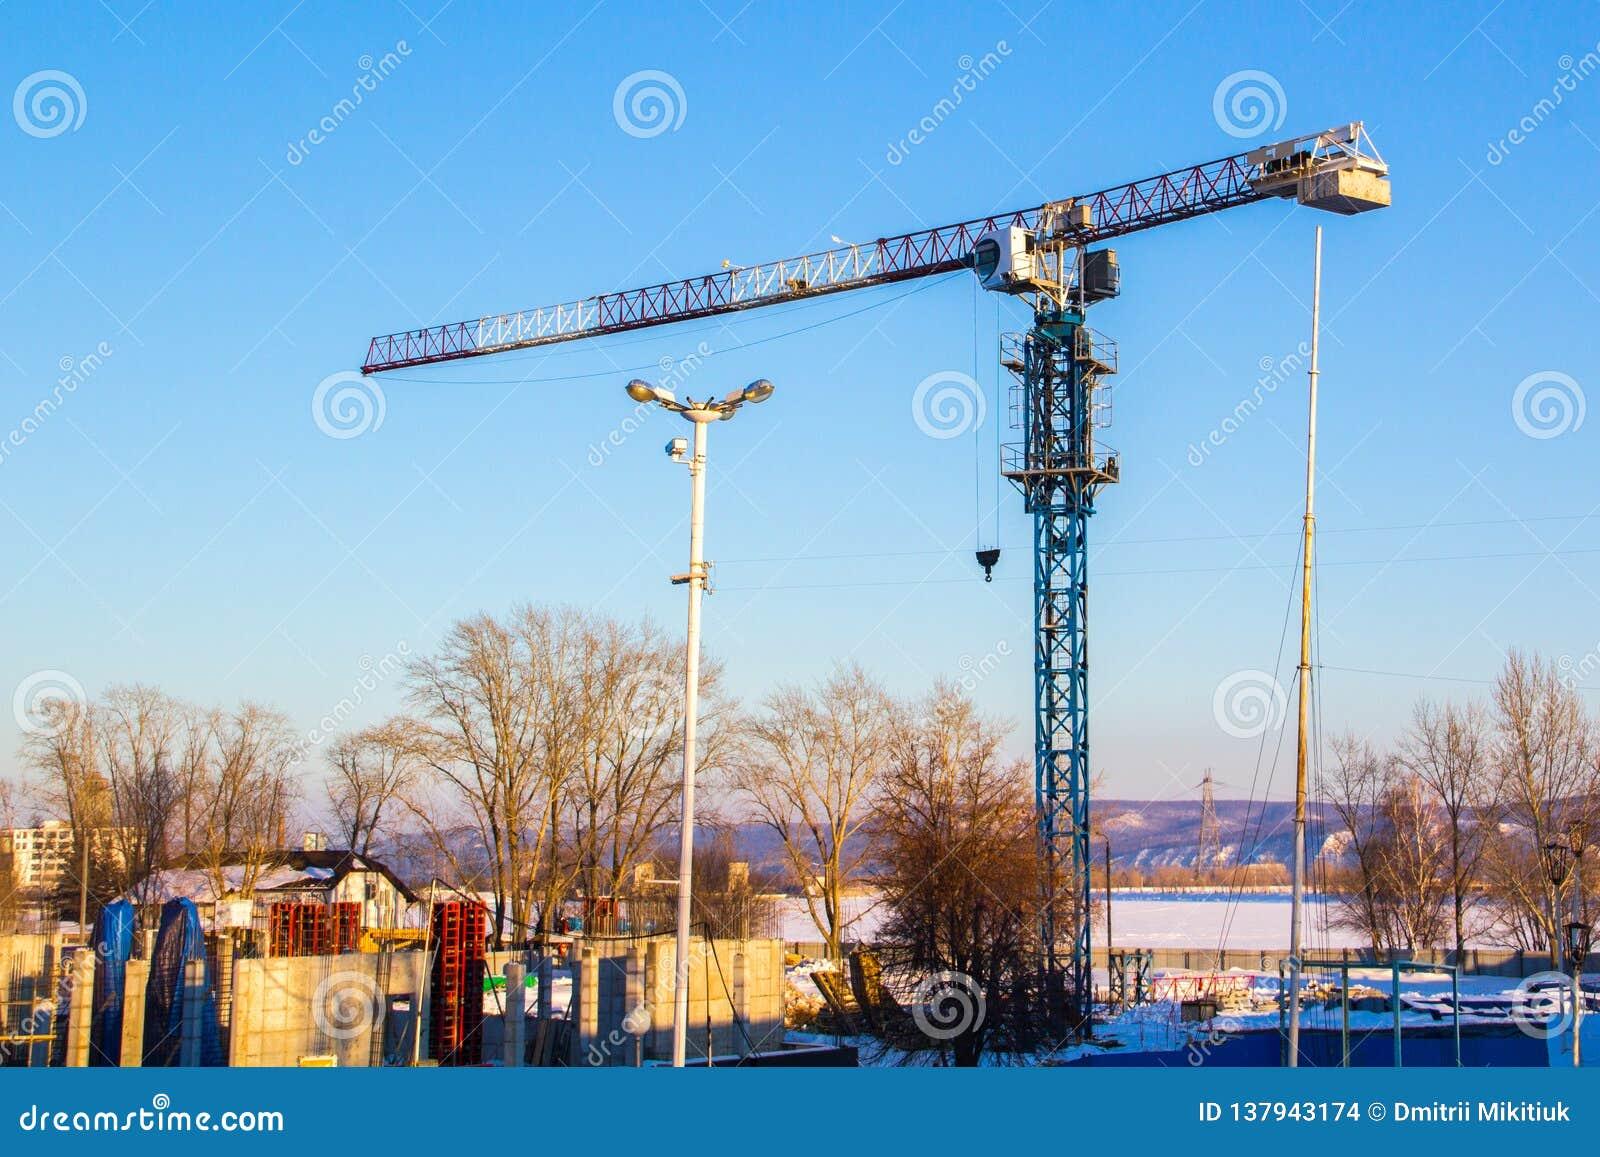 De hoge kraan van de liftbouw met witte, rode en blauwe kleuren tegen een blauwe hemel